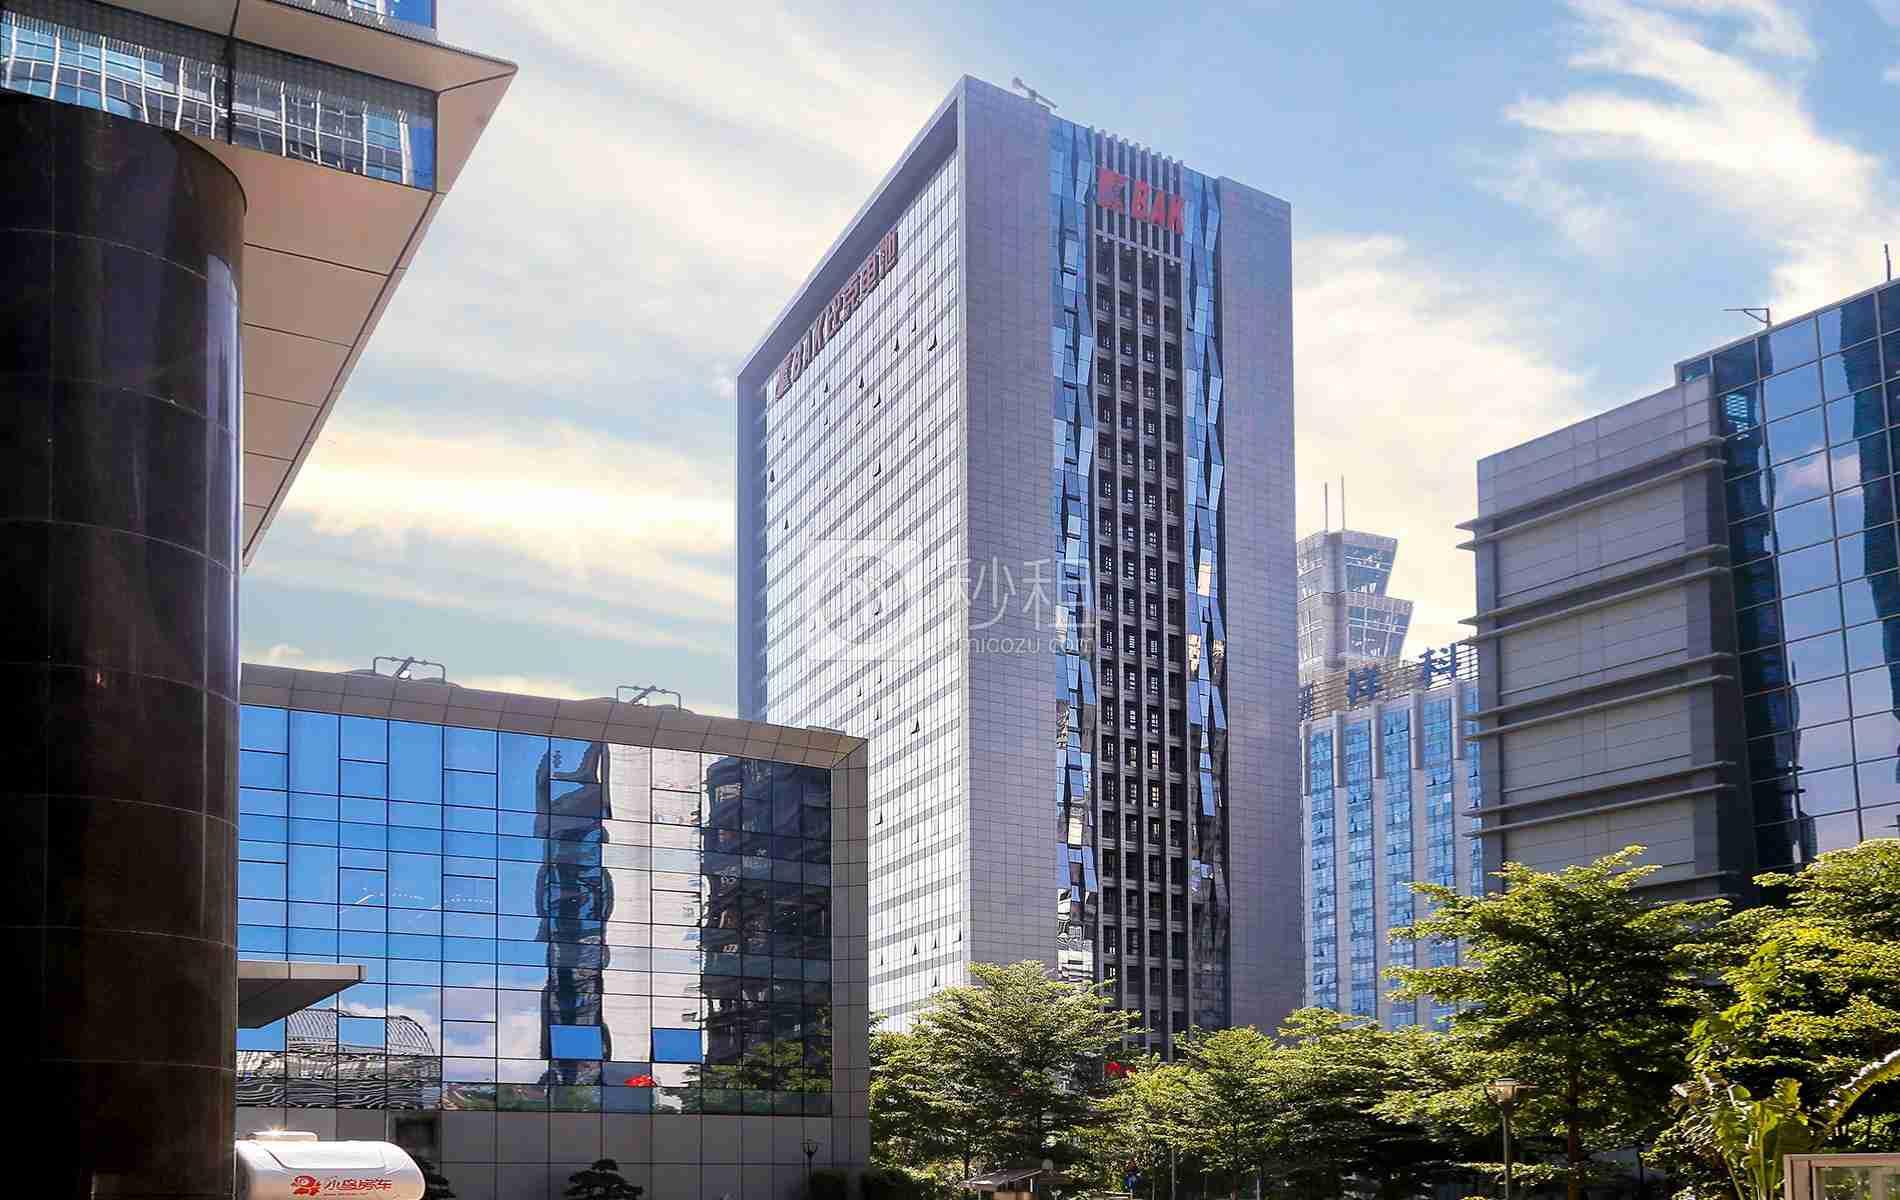 比克科技大厦写字楼出租/招租/租赁,比克科技大厦办公室出租/招租/租赁